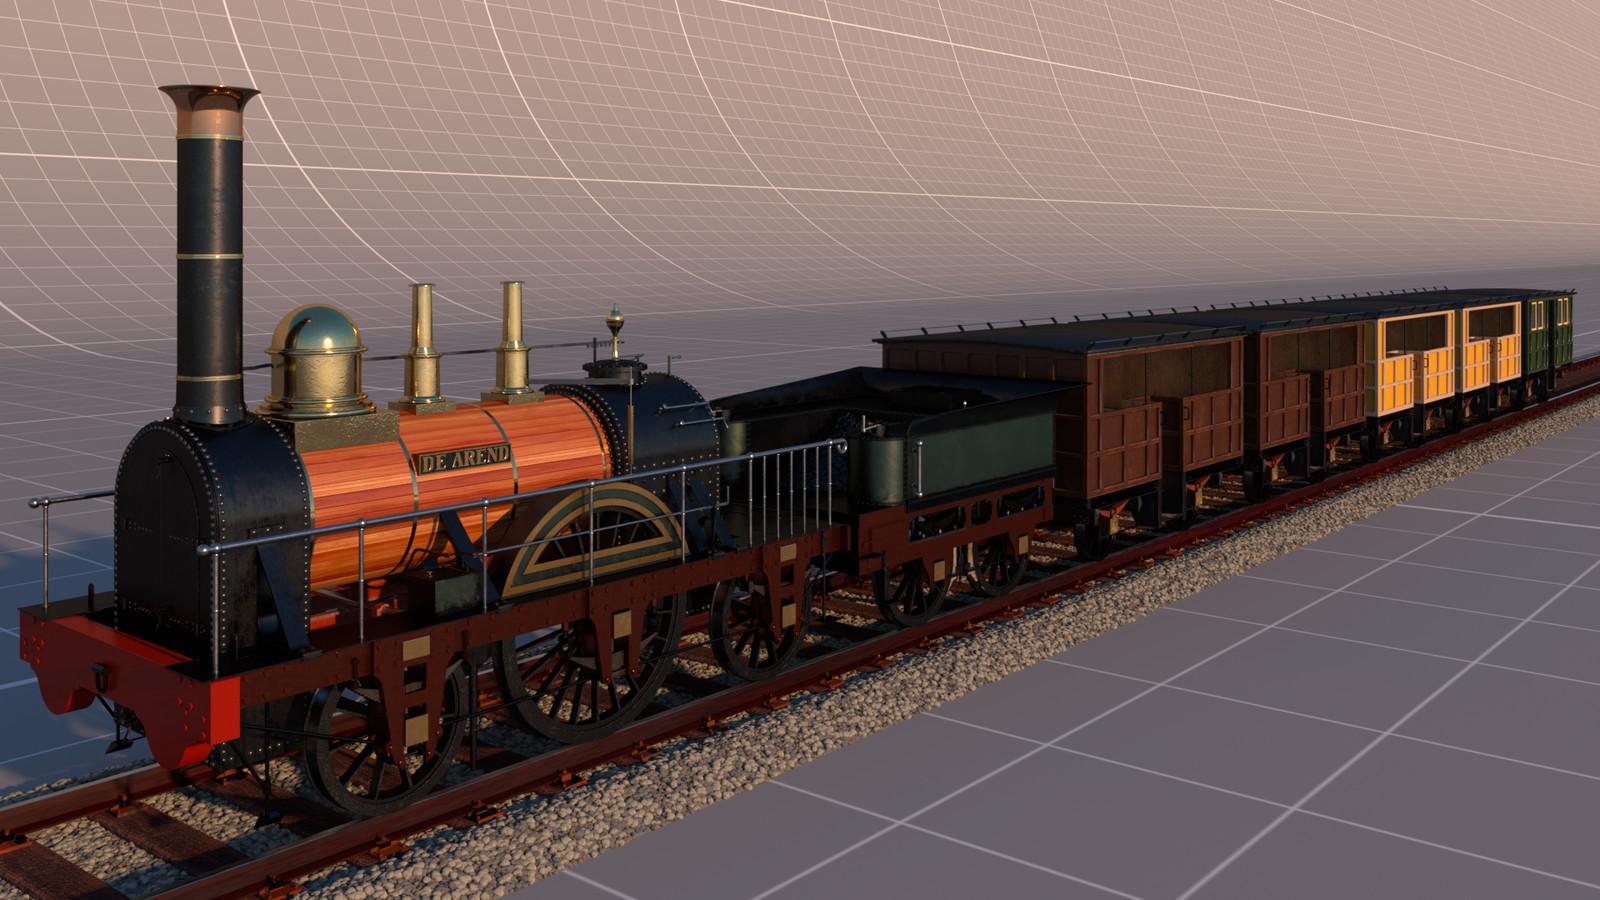 Full render of the train.